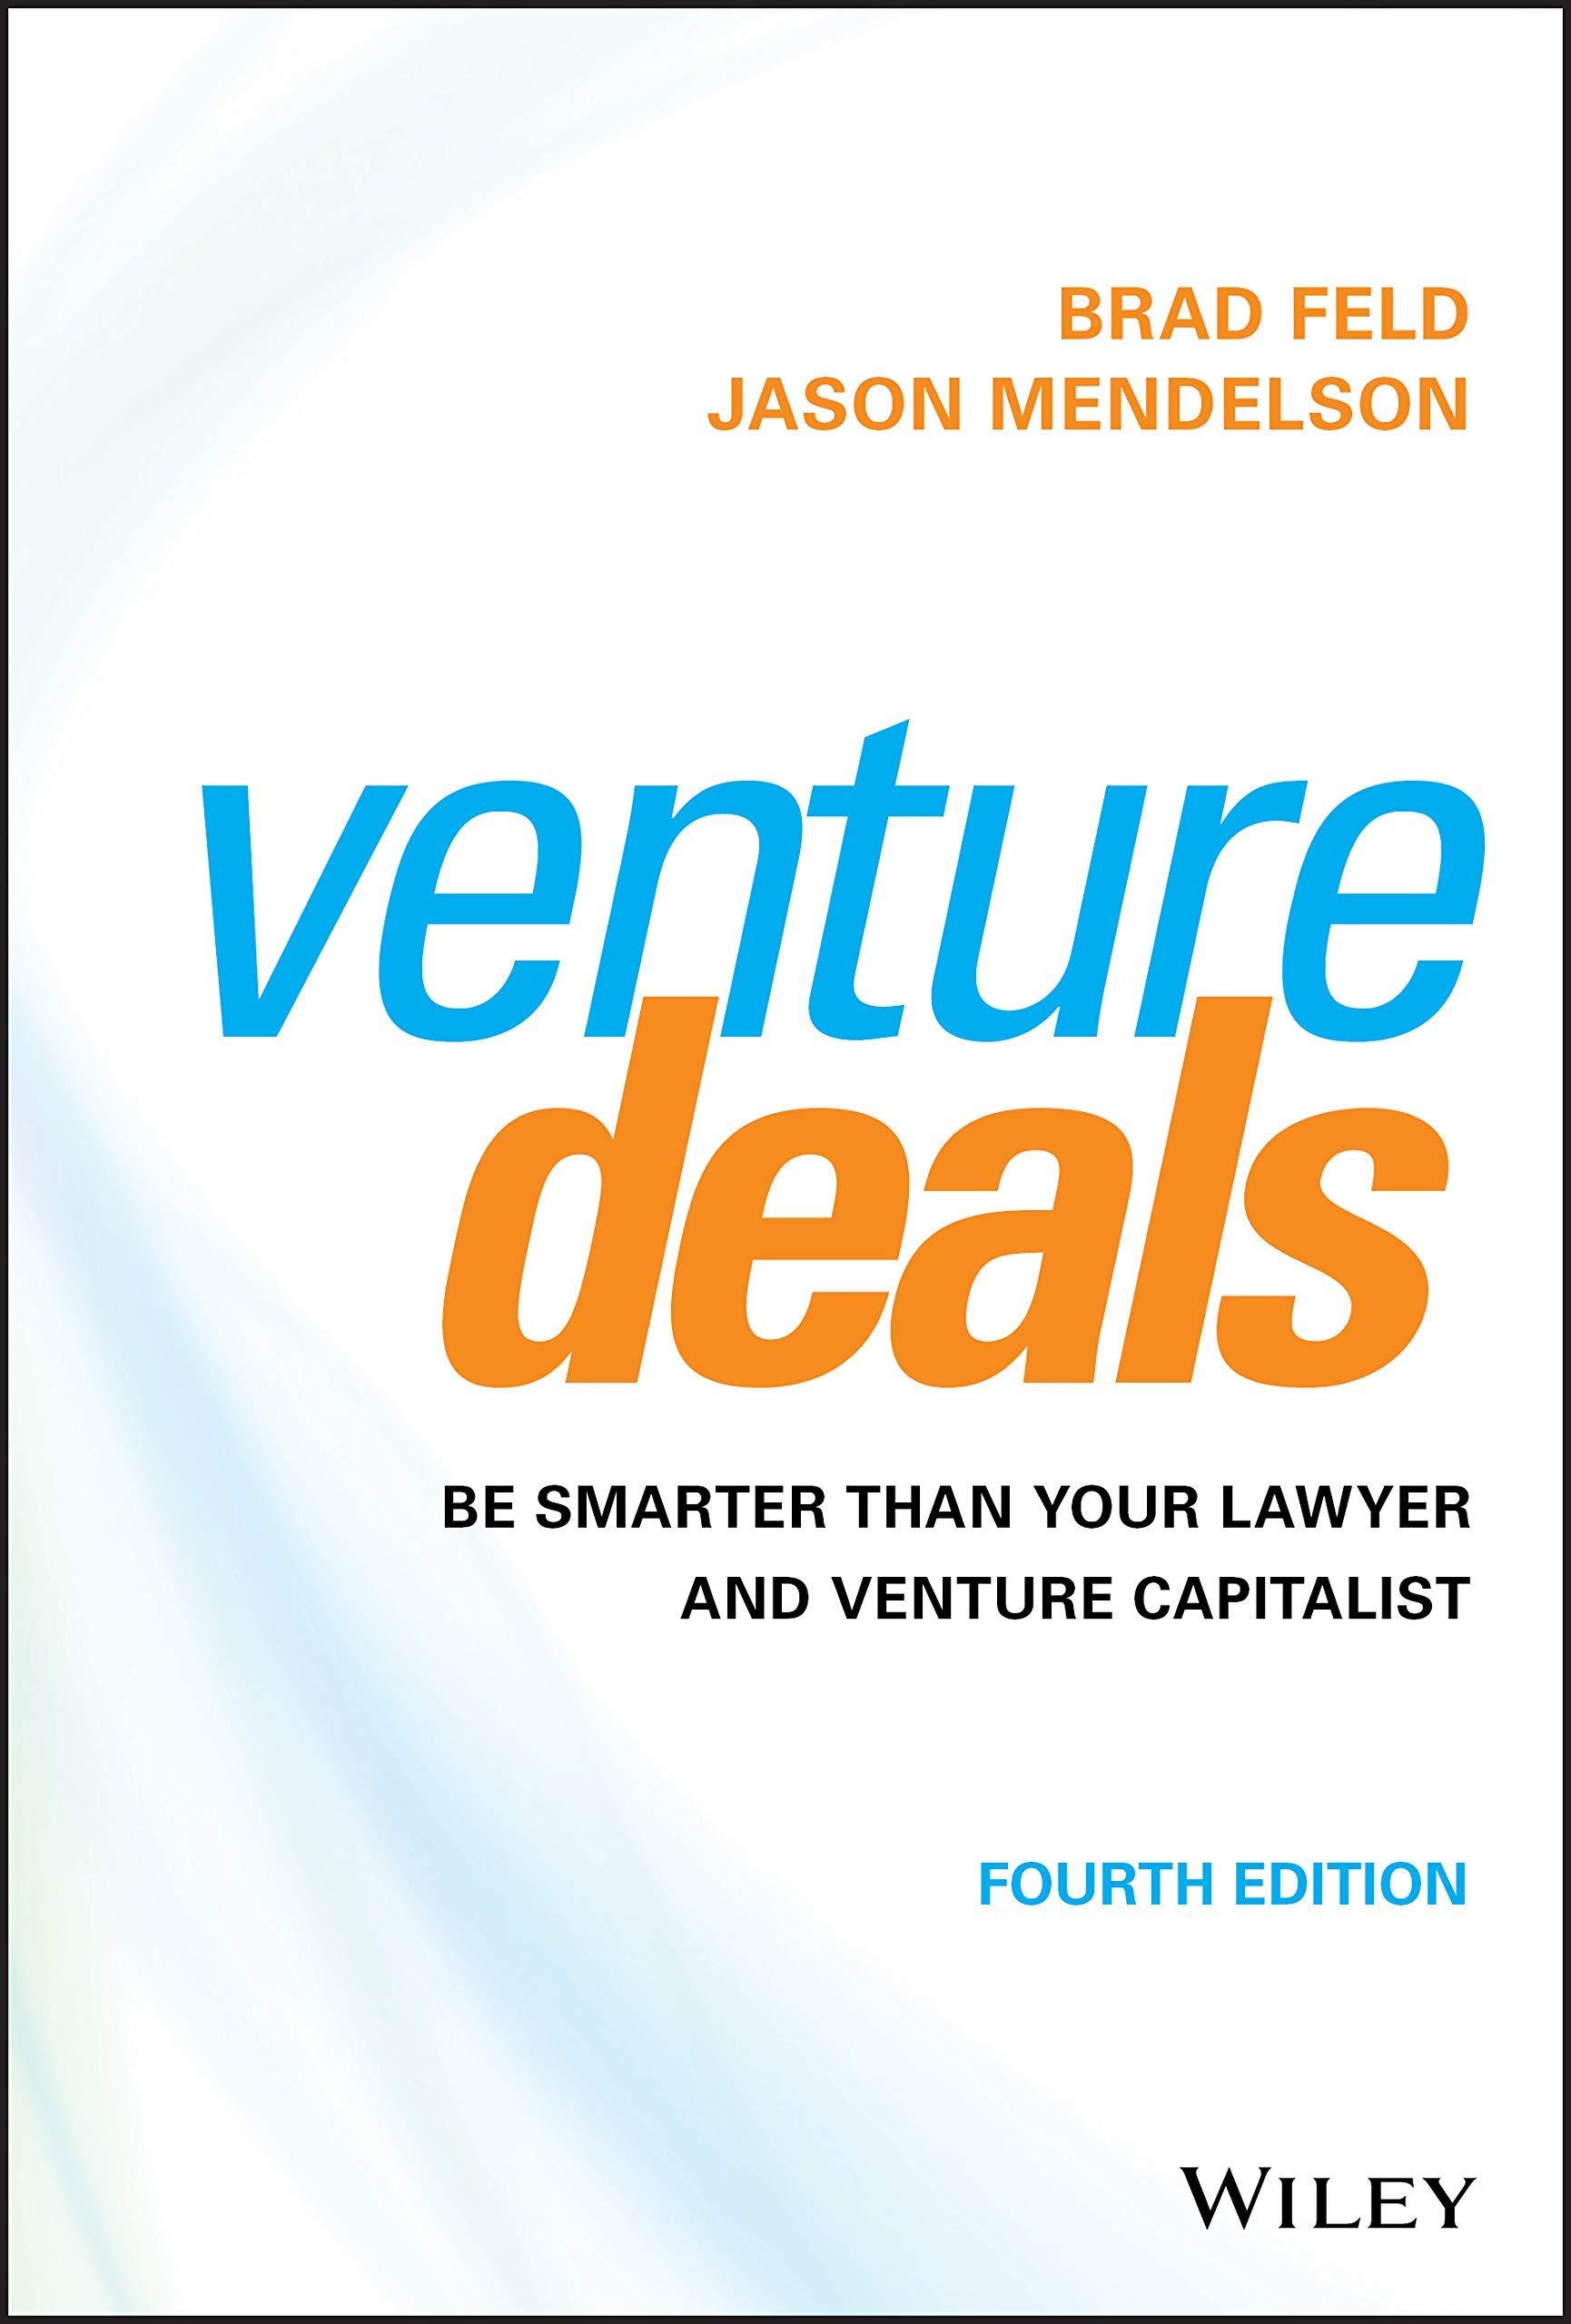 Venture-Deals-stratup-book-Cover.